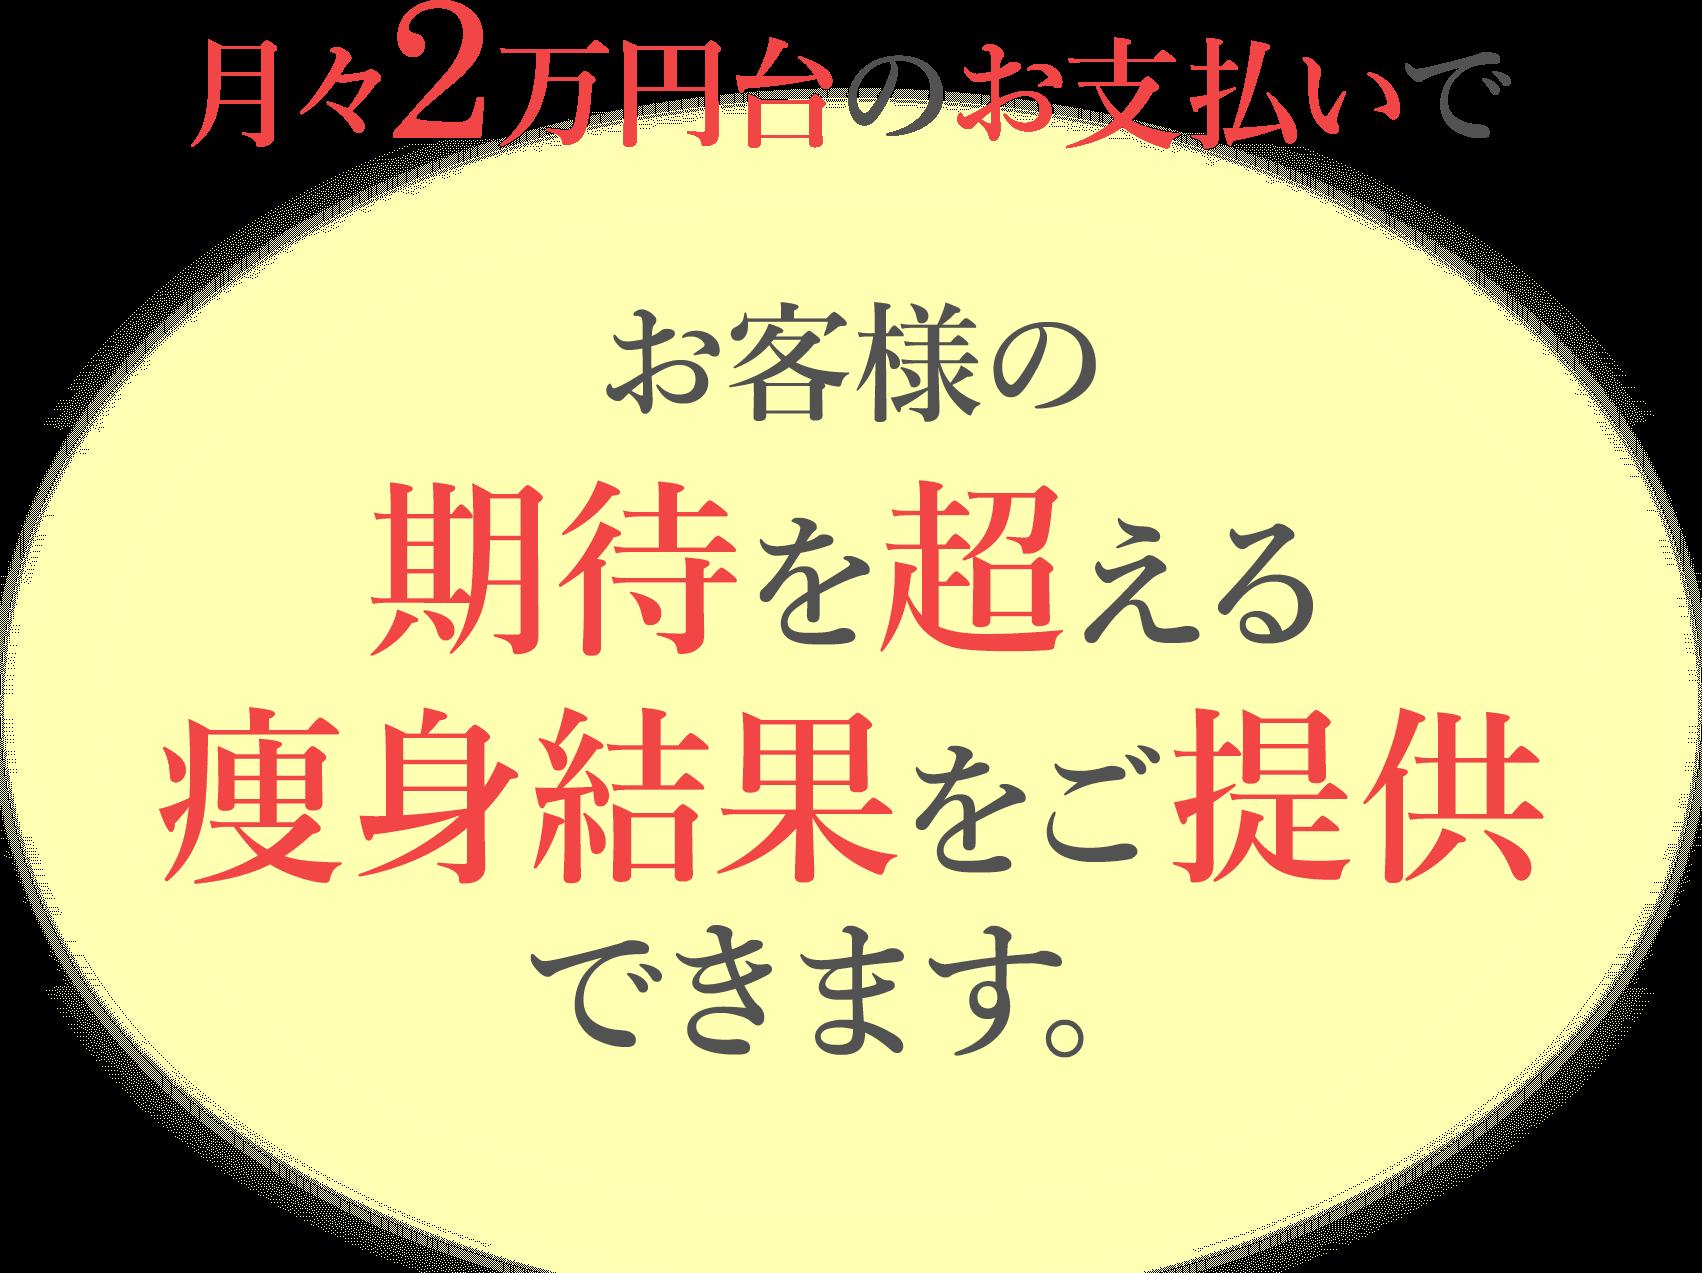 月々2万円台のお支払いで、お客様の期待を超える痩身結果をご提供できます